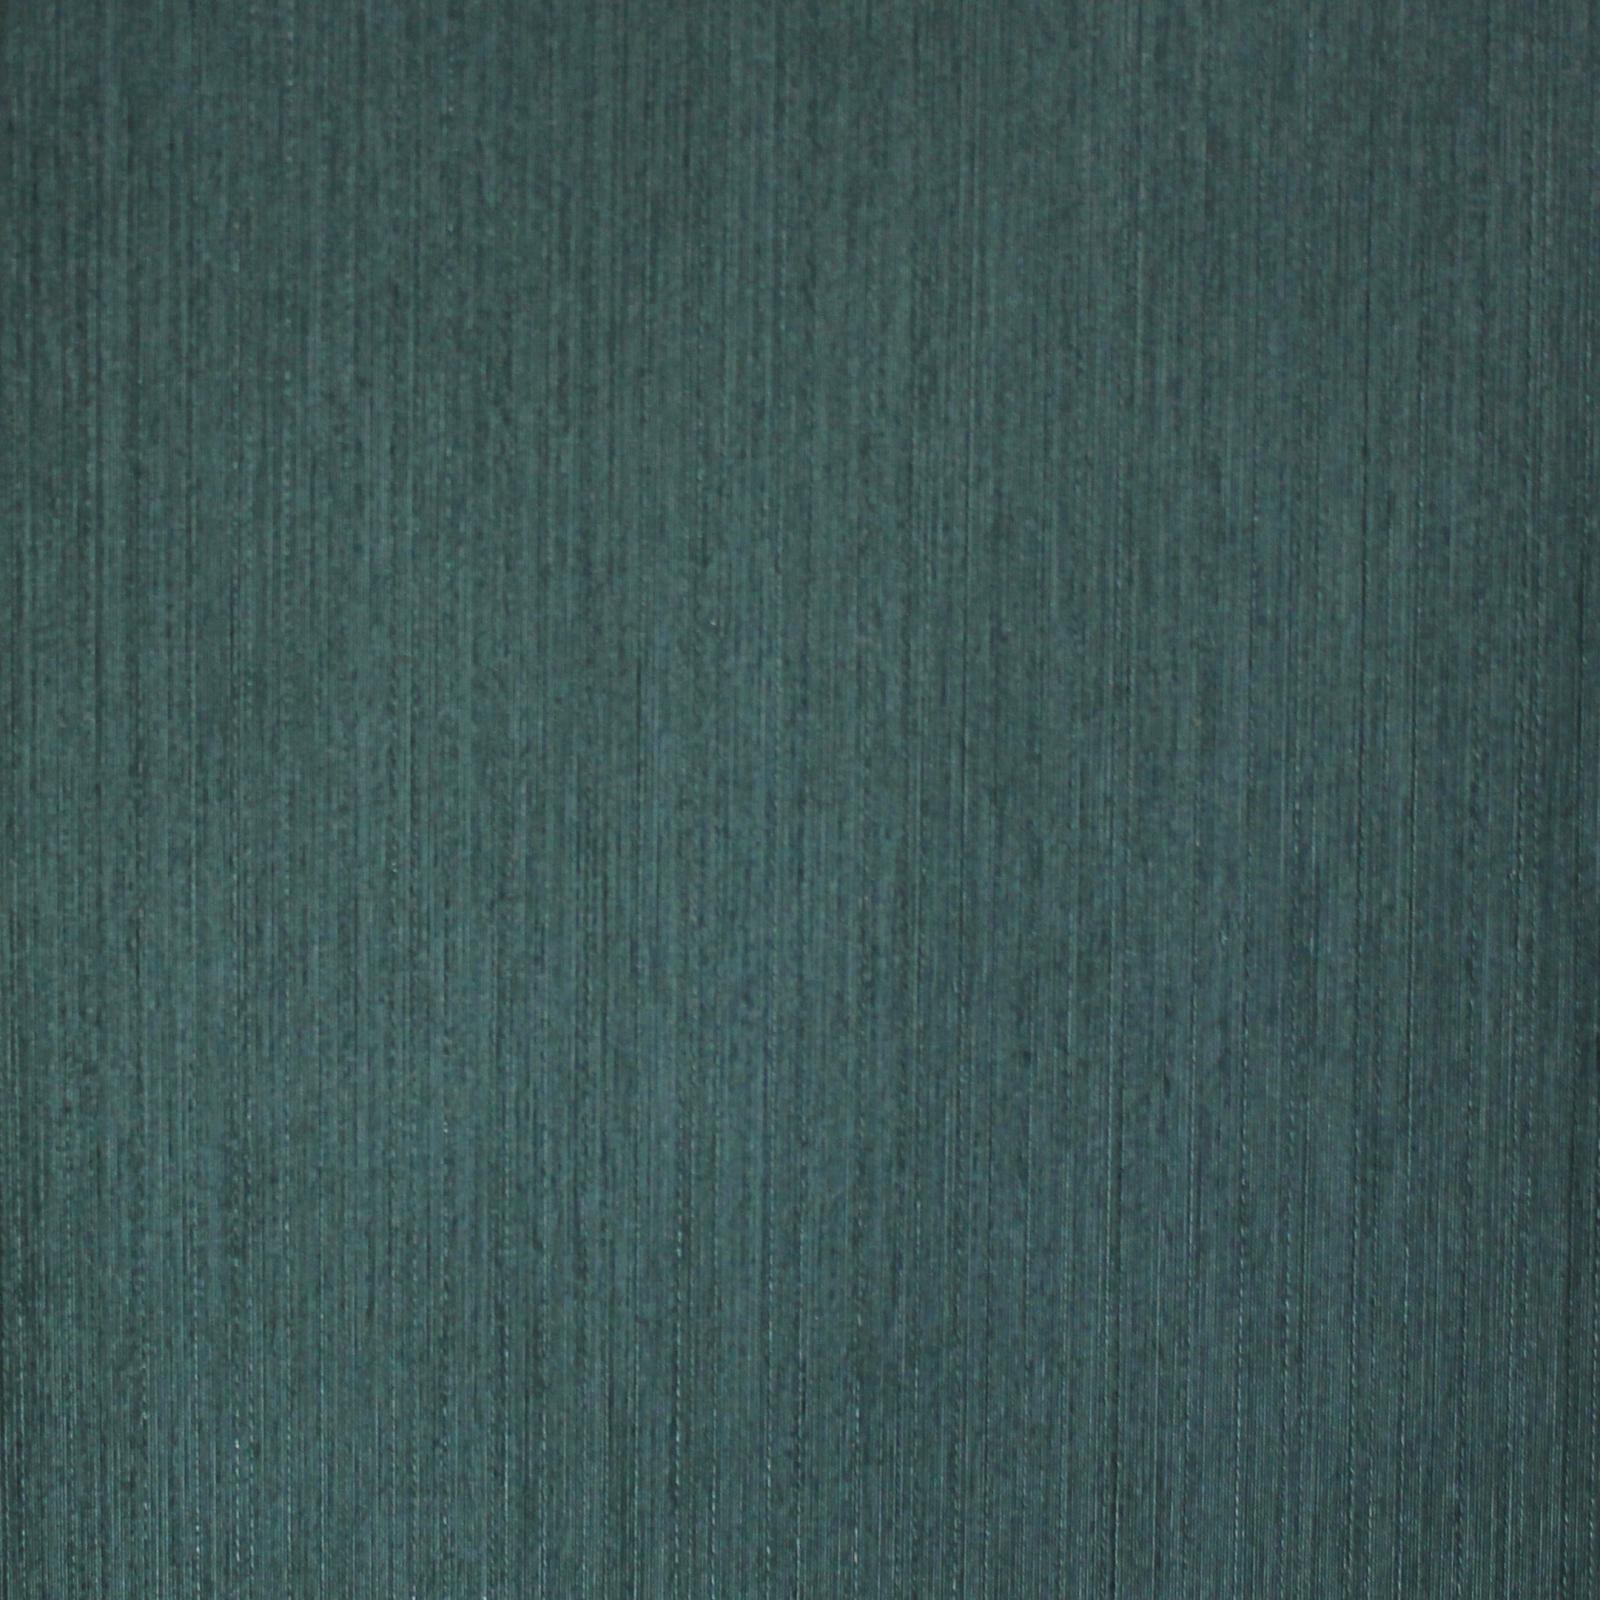 Carta Da Parati Tessuto carta da parati unito verde scuro effetto tessuto